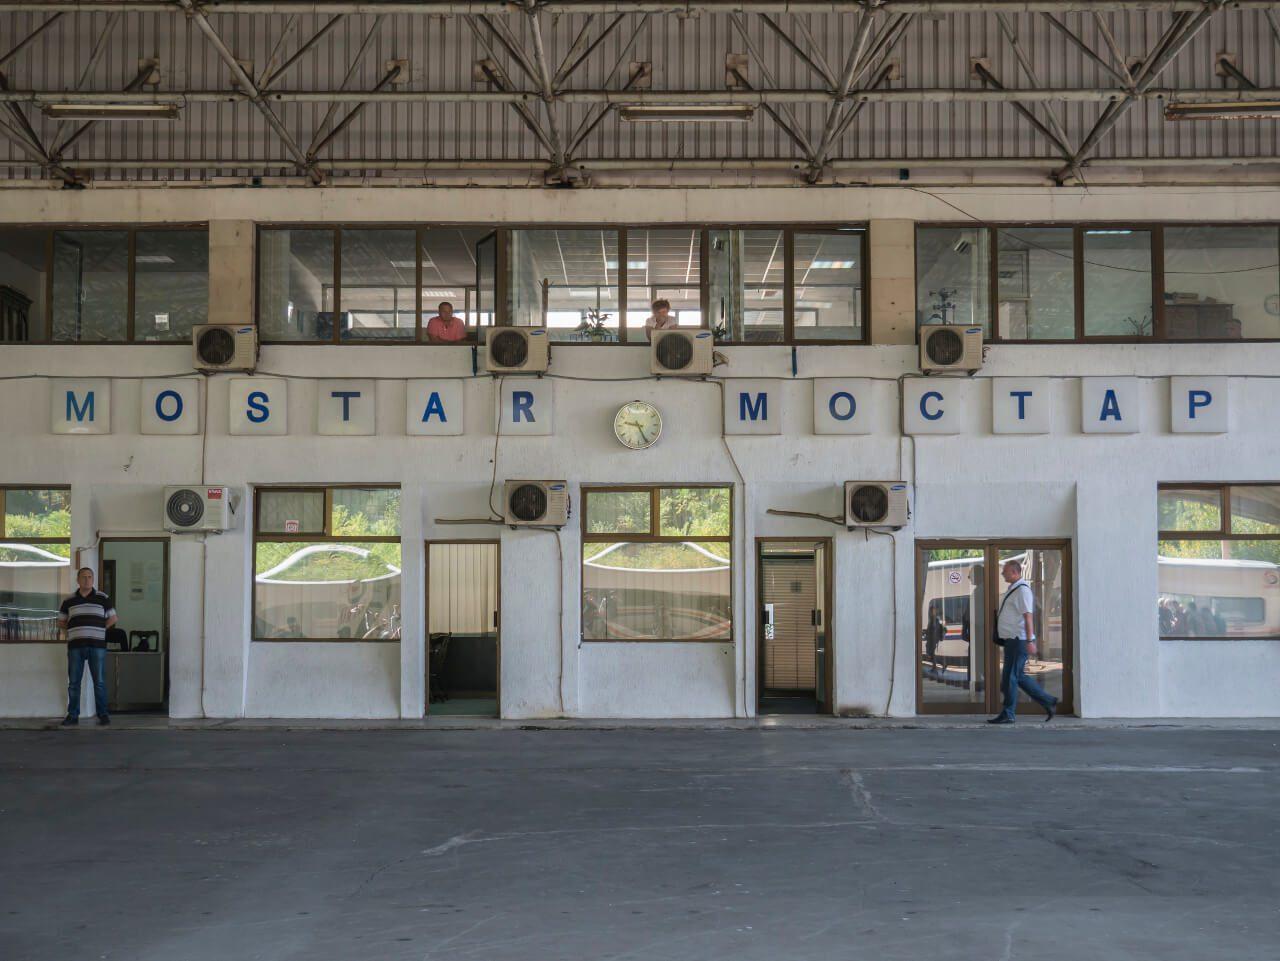 Dworzec kolejowy Mostar z napisem